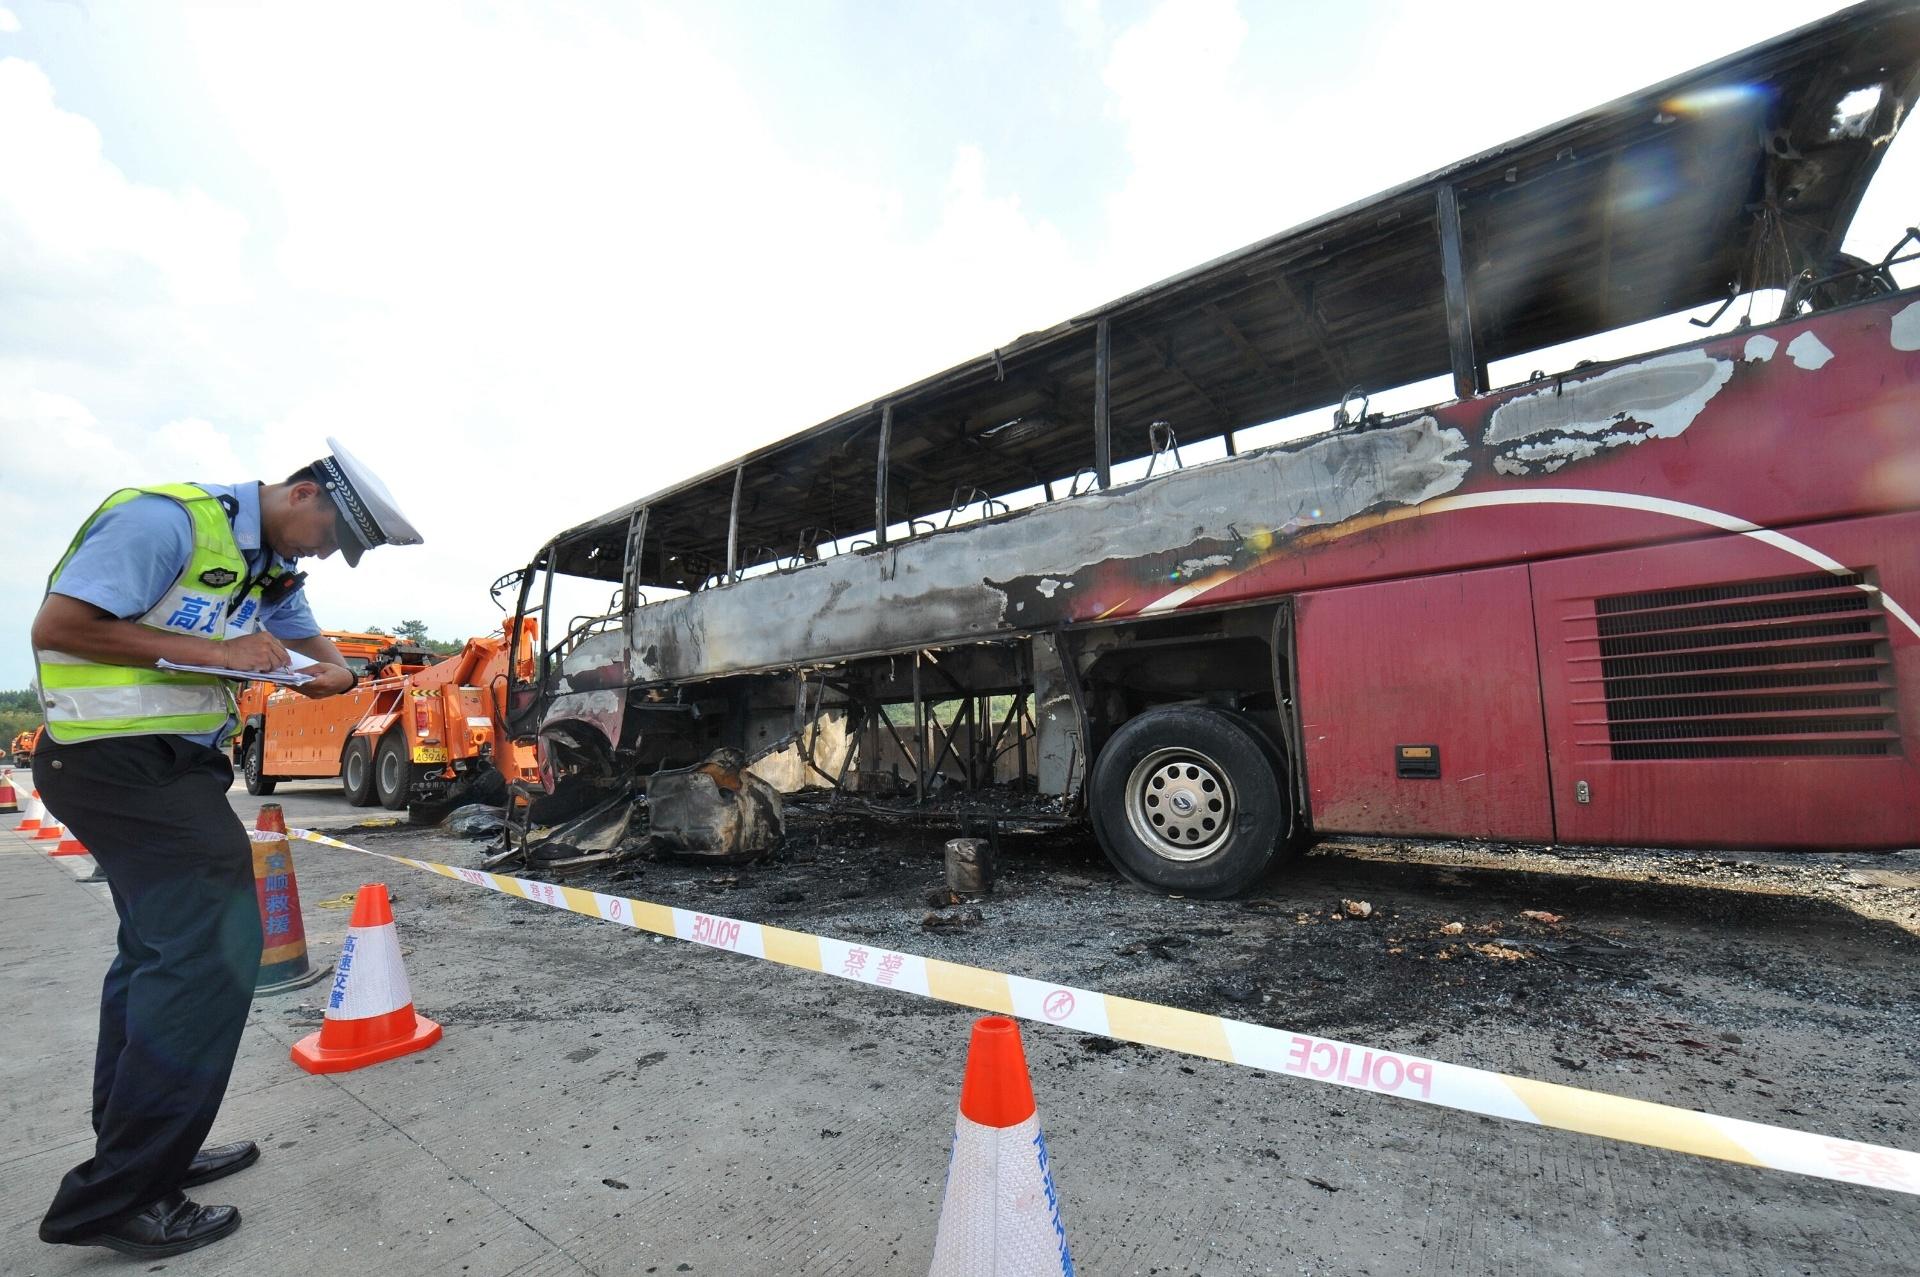 26.jun.2016 - Policial examina acidente em Yizhang, na província chinesa de Hunan. Um incêndio destruiu um ônibus de turismo, matando pelo menos 35 pessoas, incluindo duas crianças. O acidente aconteceu quando o ônibus colidiu com o corrimão do acostamento da estrada